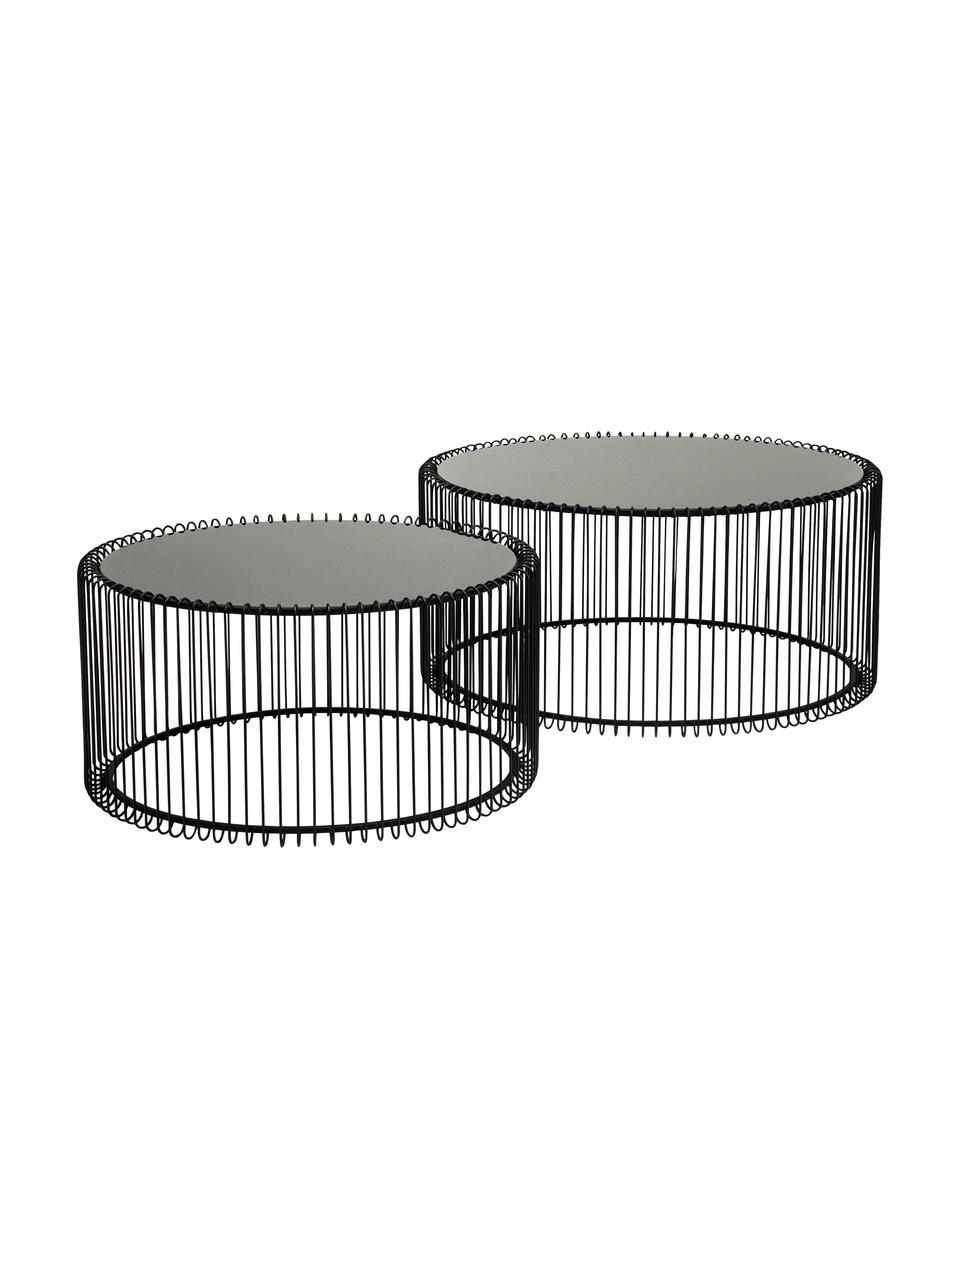 Metalen salontafel 2-delig Wire met glazen tafelblad, Frame: gepoedercoat metaal, Tafelblad: veiligheidsglas, in folie, Zwart, Set met verschillende formaten